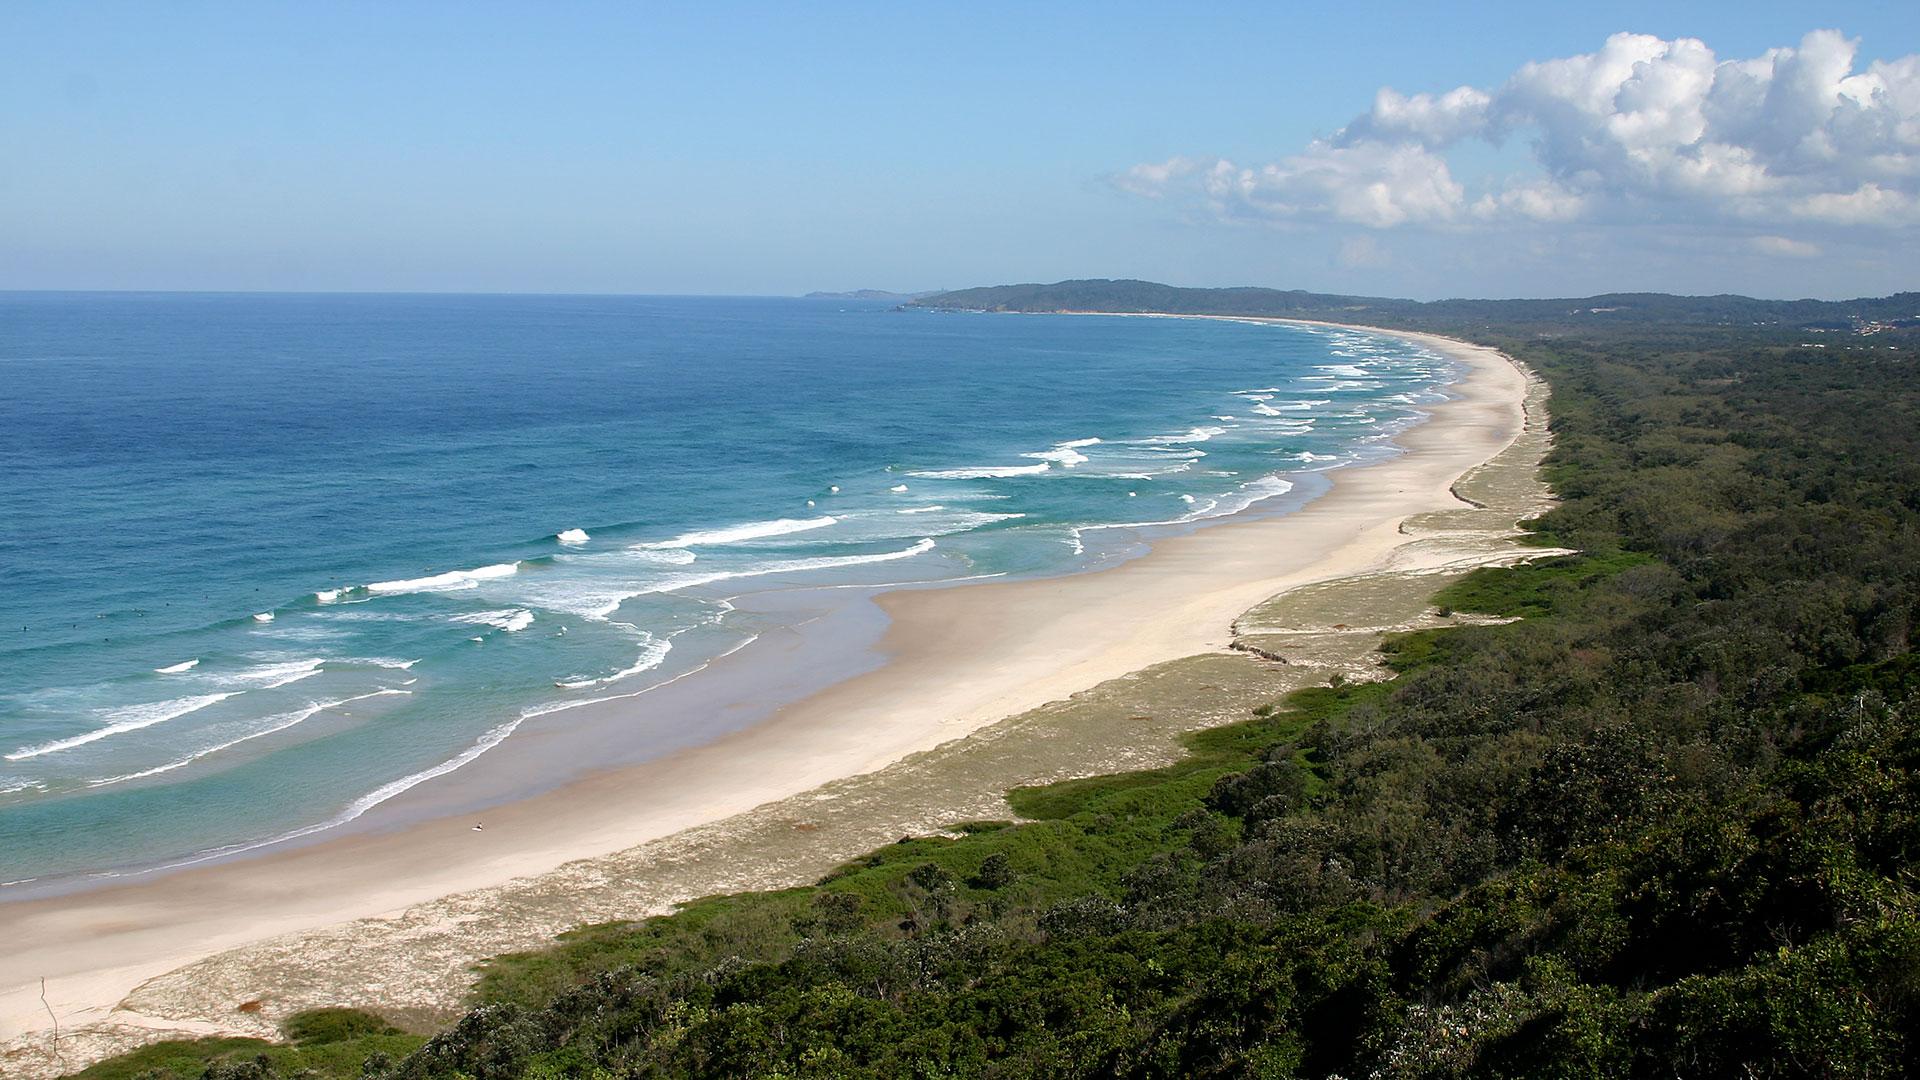 La exuberante costa, justo debajo de la frontera entre Nueva Gales del Sur y Queensland, se conoce como los ríos del Norte gracias al sistema de mareas que serpentea a través de él